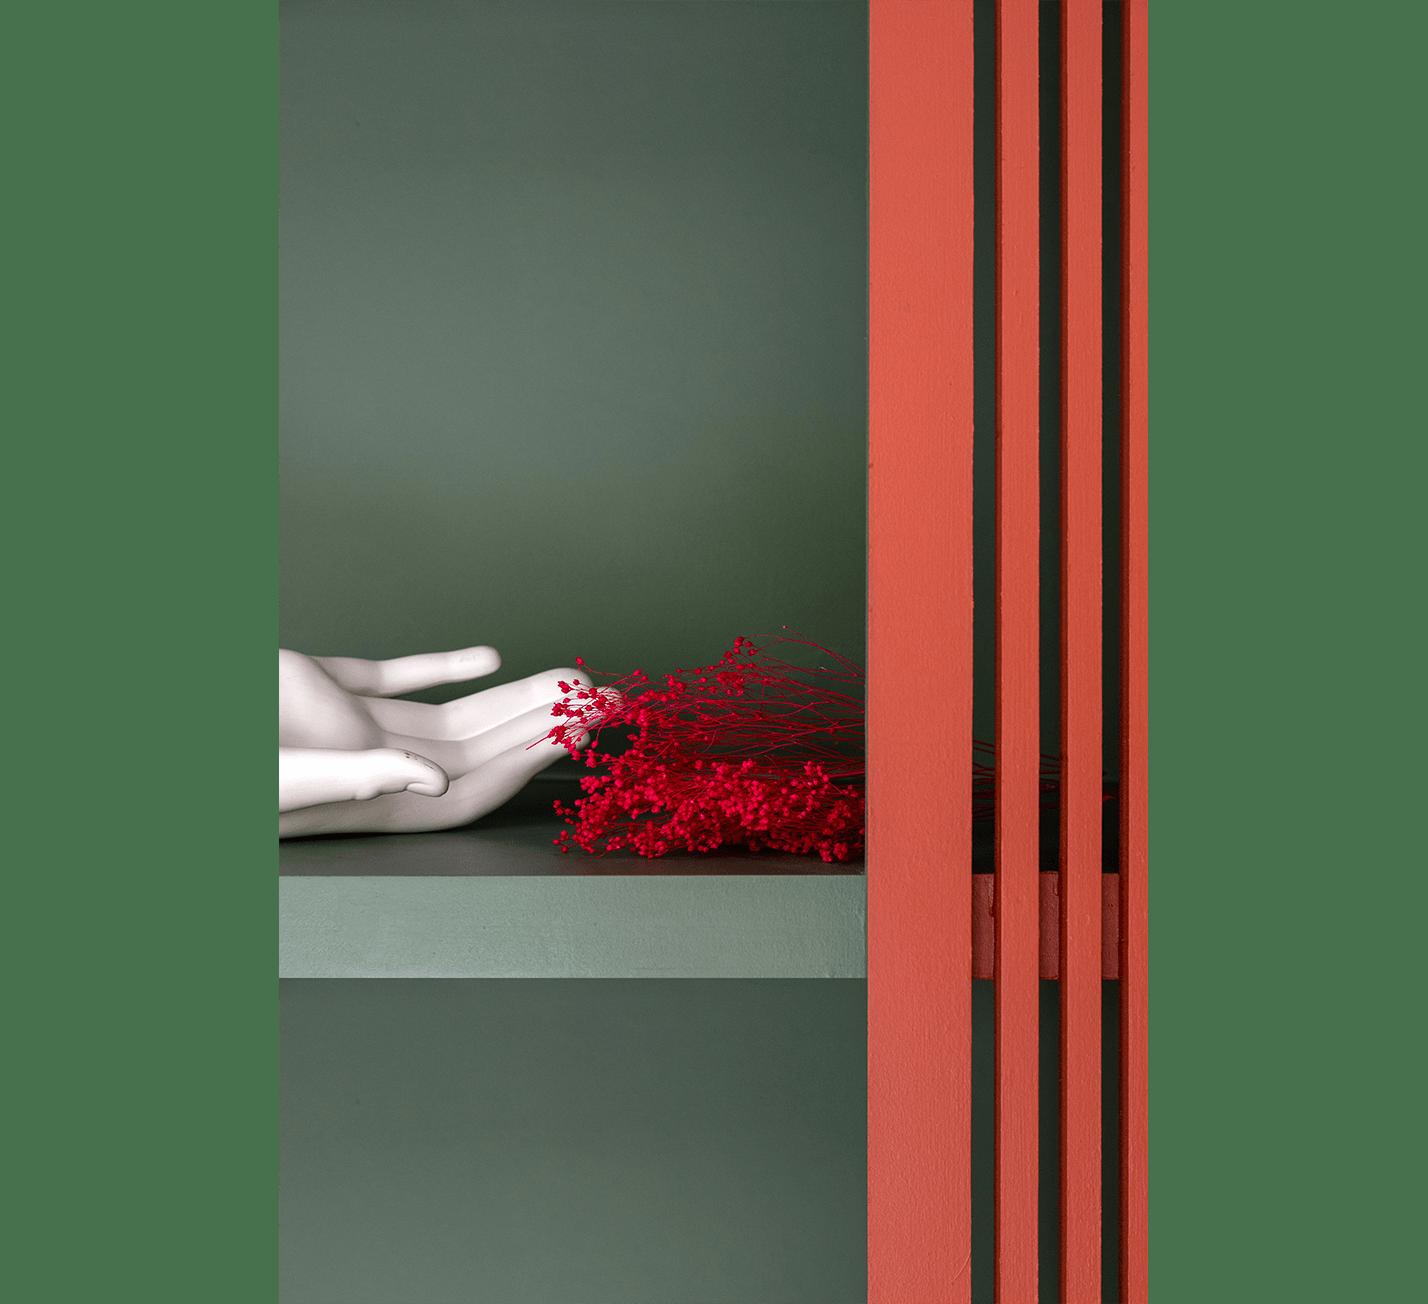 Projet-Gobelins-Atelier-Steve-Pauline-Borgia-Architecte-interieur-10-min